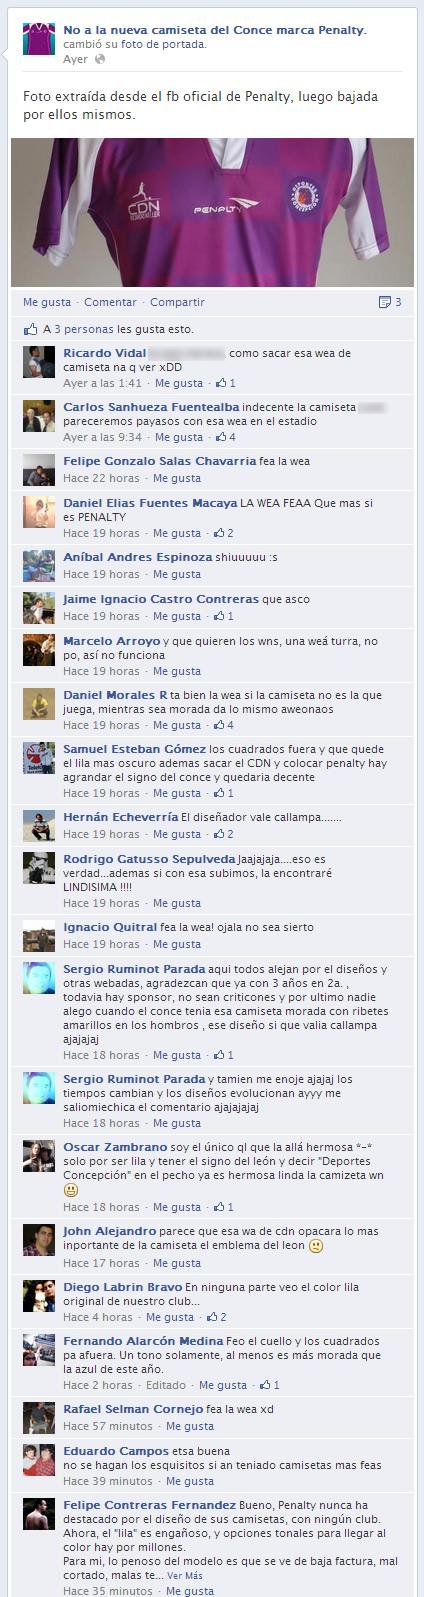 Comentarios | Facebook